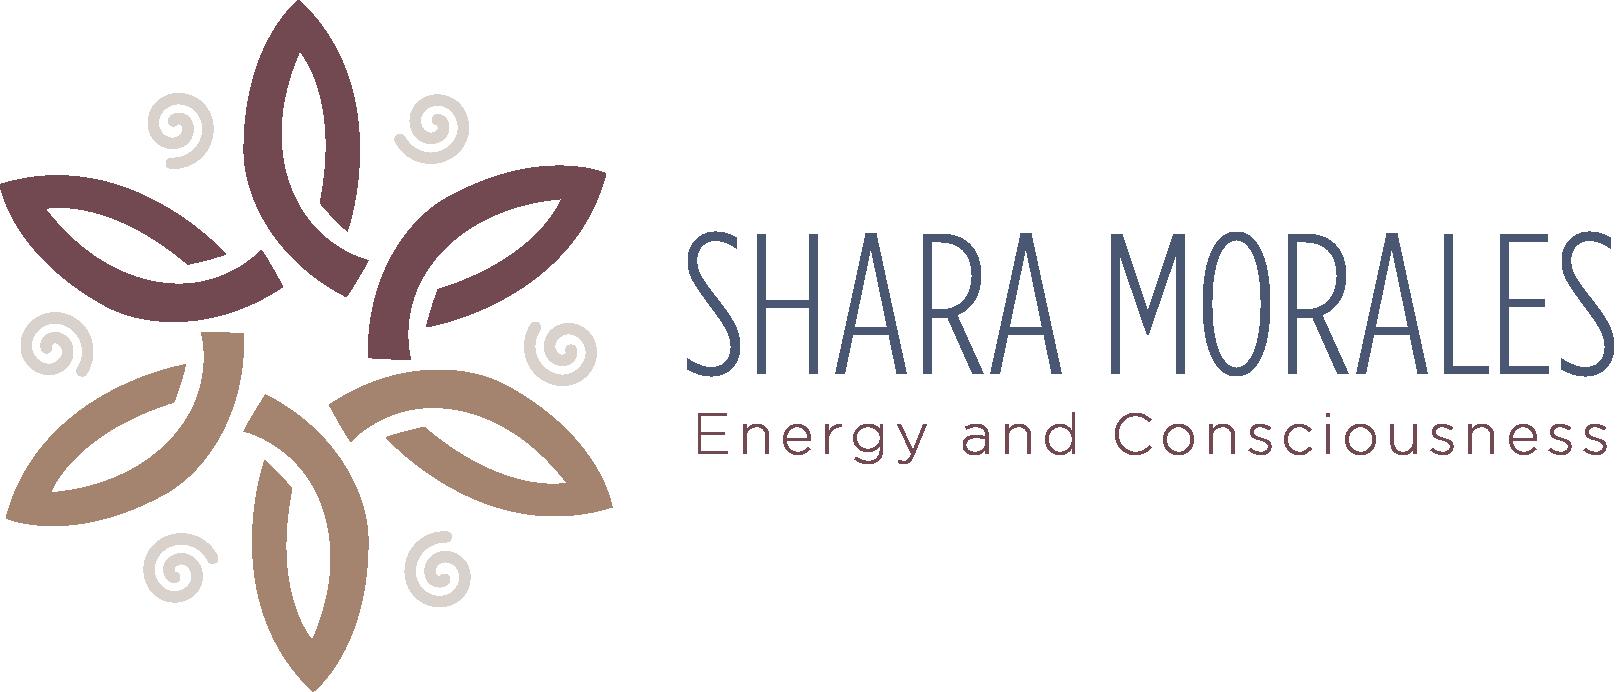 SharaMorales_D sin fondo.png